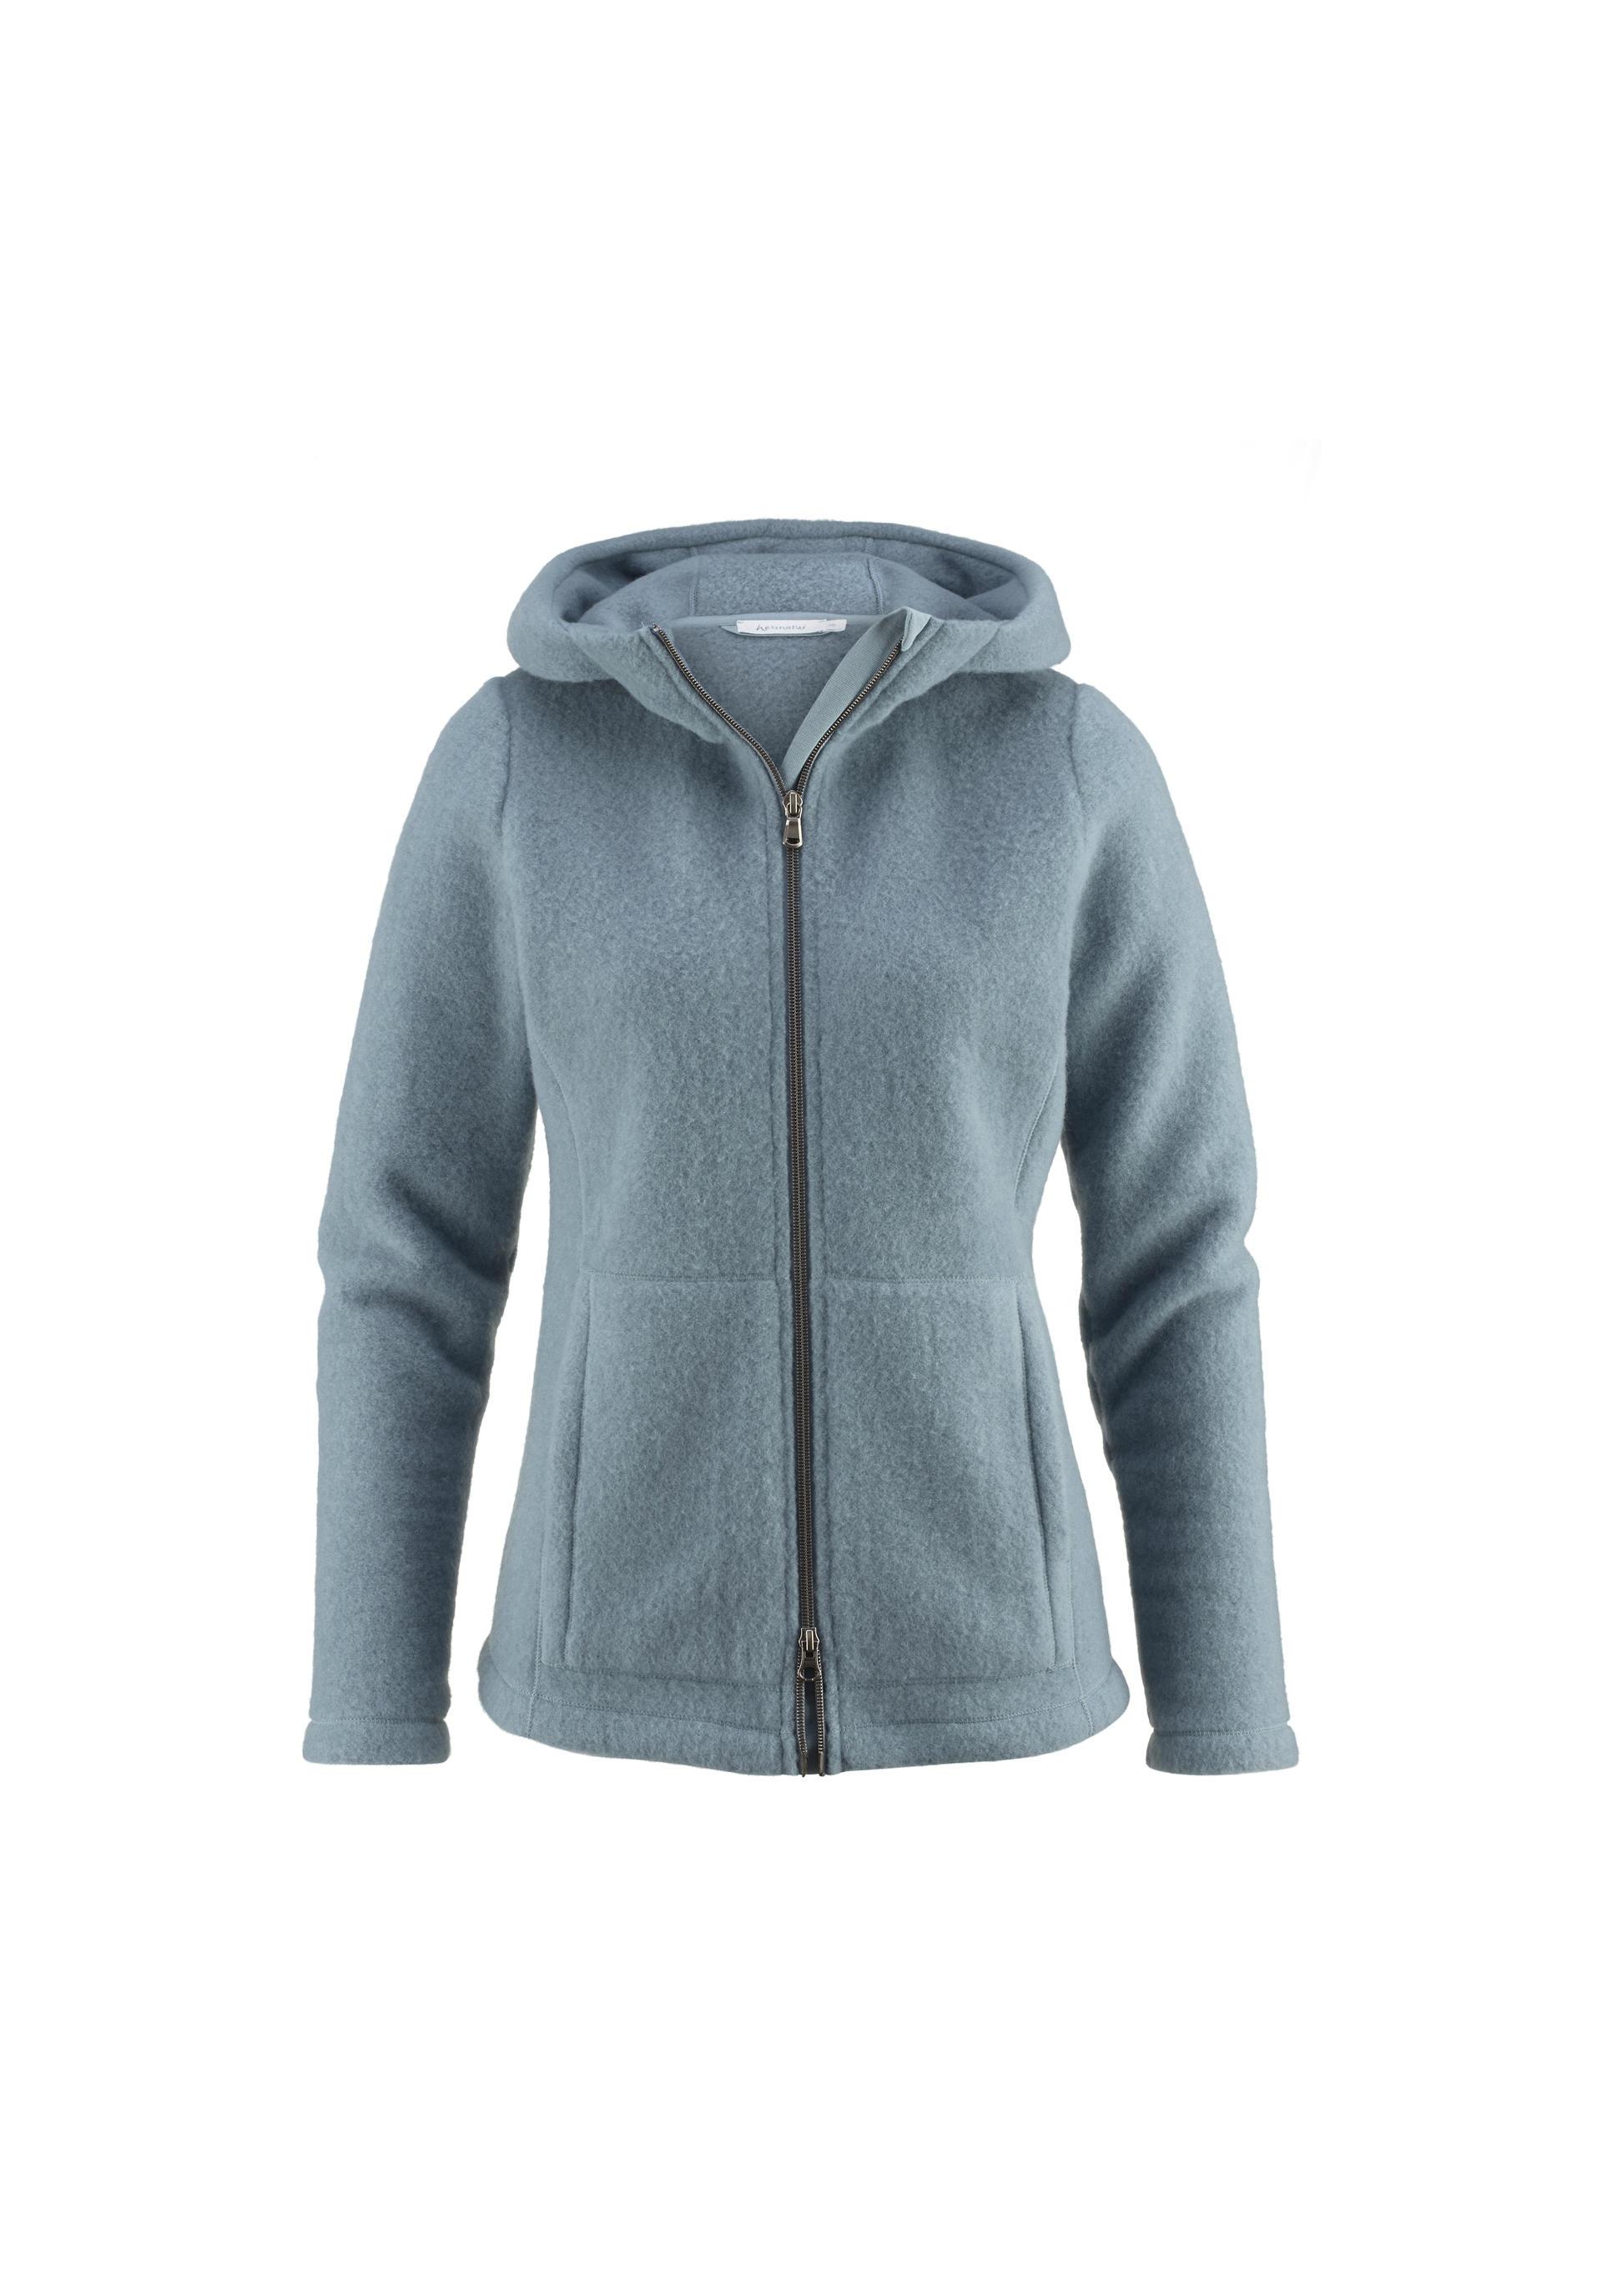 c05fac2c4216 Wollfleece-Jacke für Sie aus reiner Bio-Schurwolle - hessnatur ...